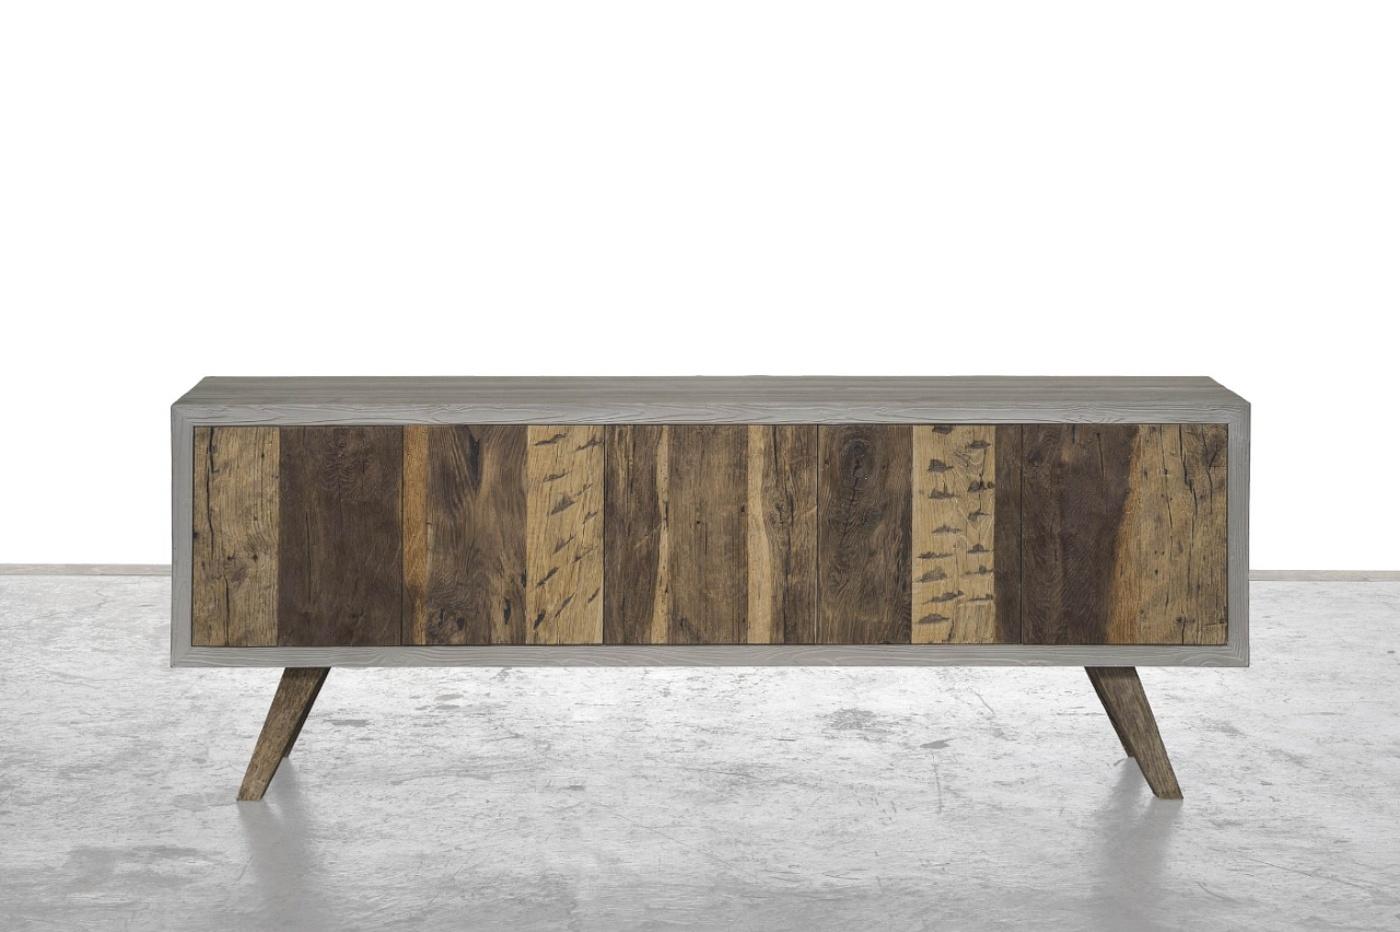 Mobili Legno Recuperato : Antica edilizia mobili in legno di recupero u003eu003e trovapavimenti.it